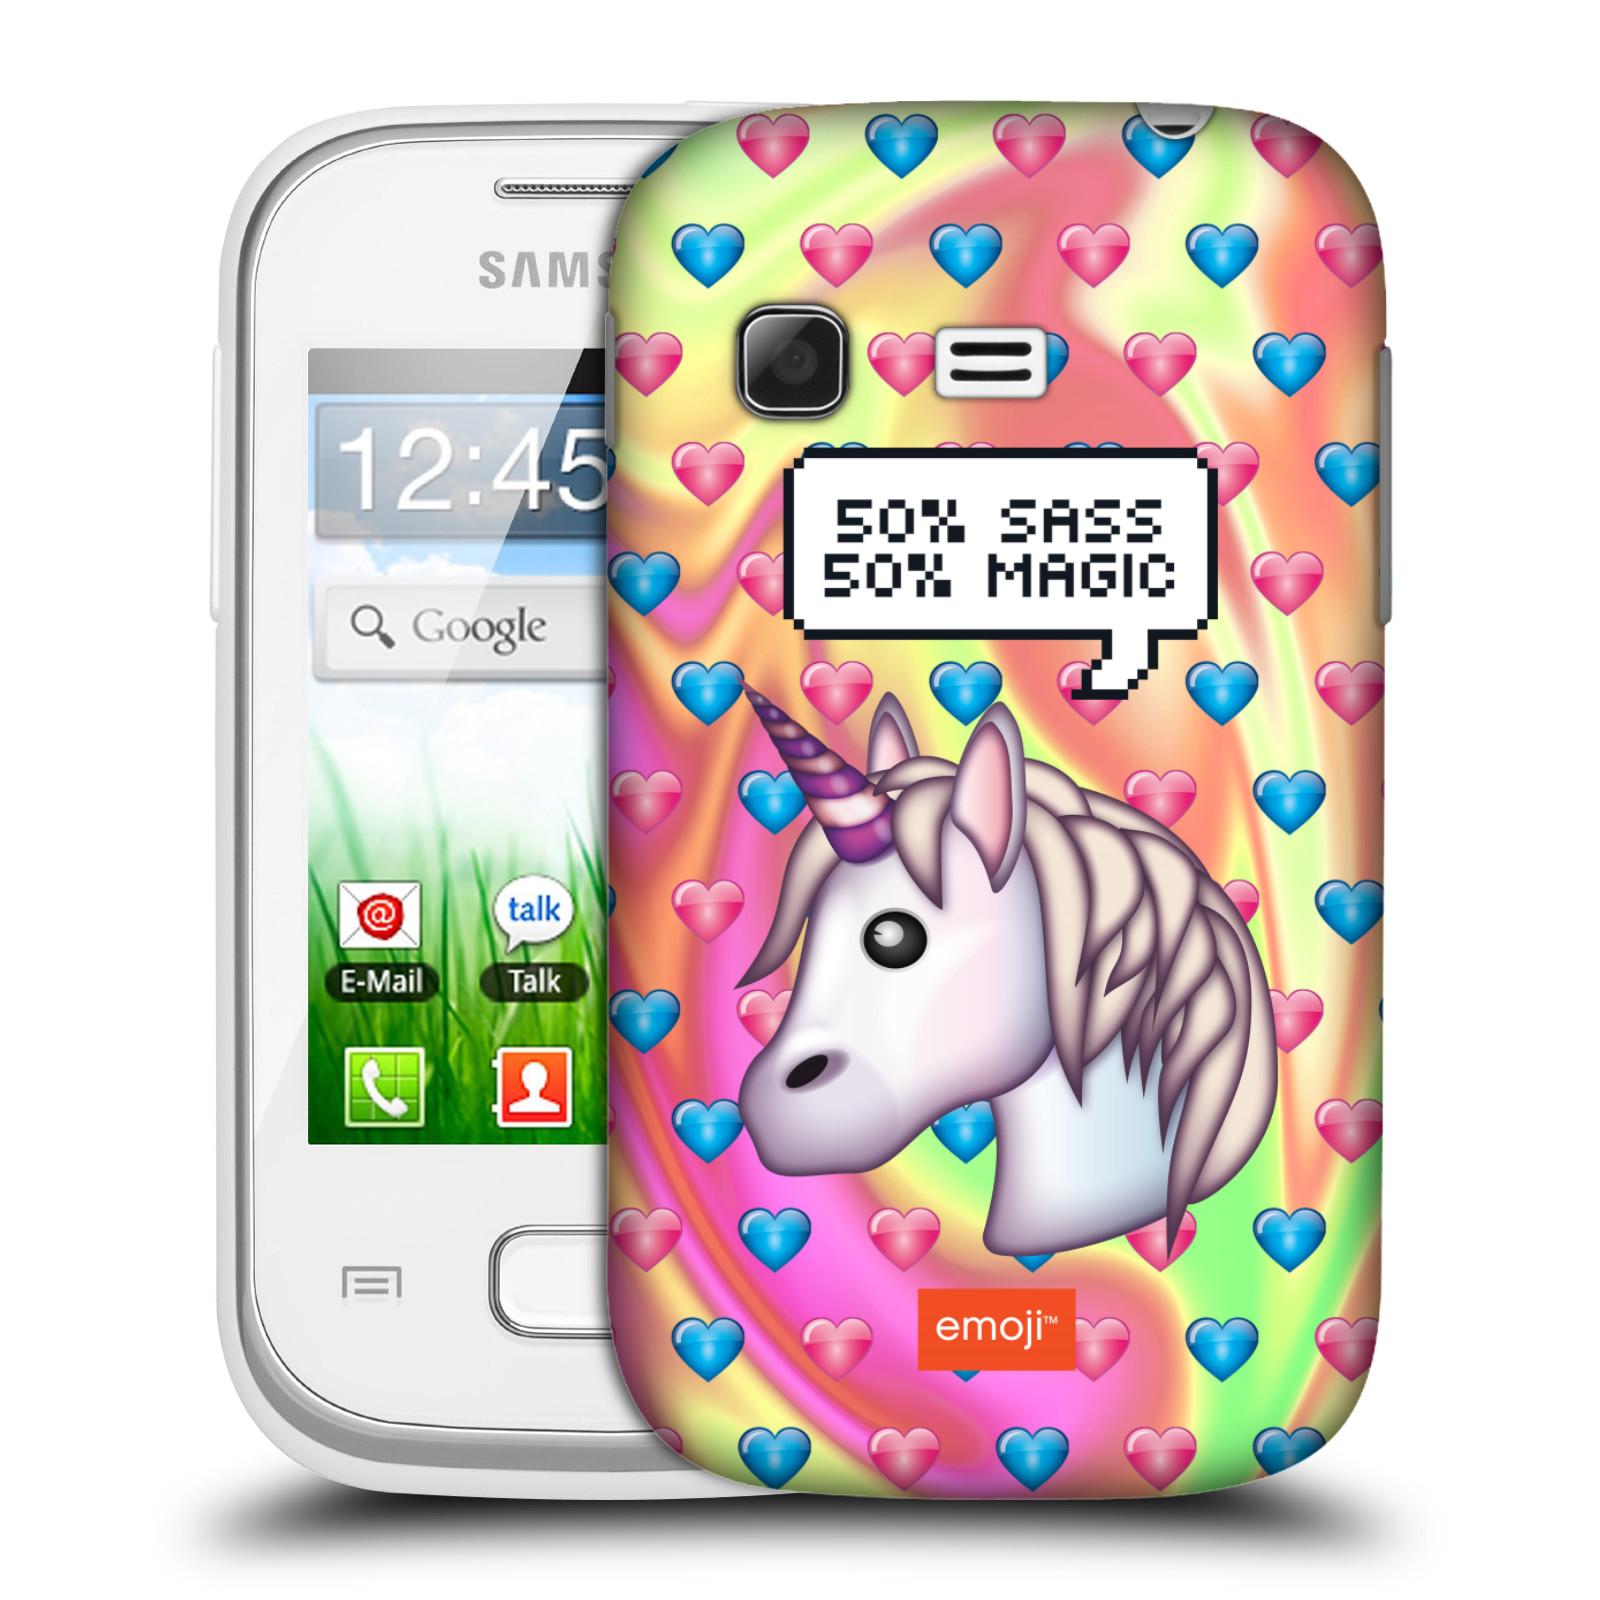 Plastové pouzdro na mobil Samsung Galaxy Pocket HEAD CASE EMOJI - Jednorožec (Kryt či obal s oficiálním motivem EMOJI na mobilní telefon Samsung Galaxy Pocket GT-S5300)